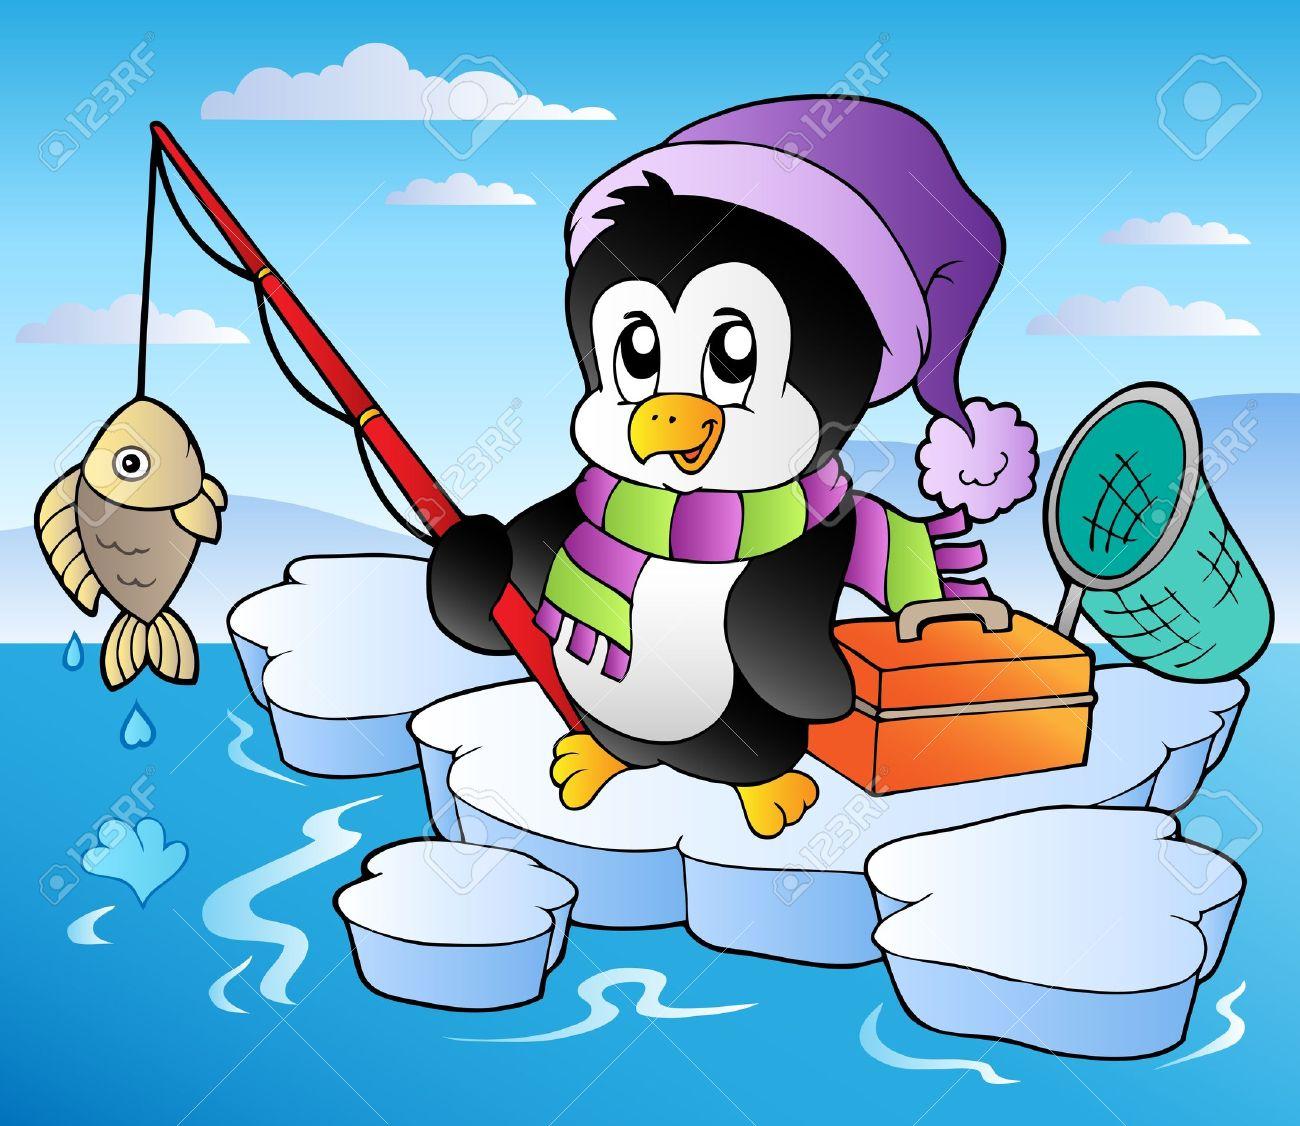 Cartoon fishing penguin - vector illustration. Stock Vector - 10912678